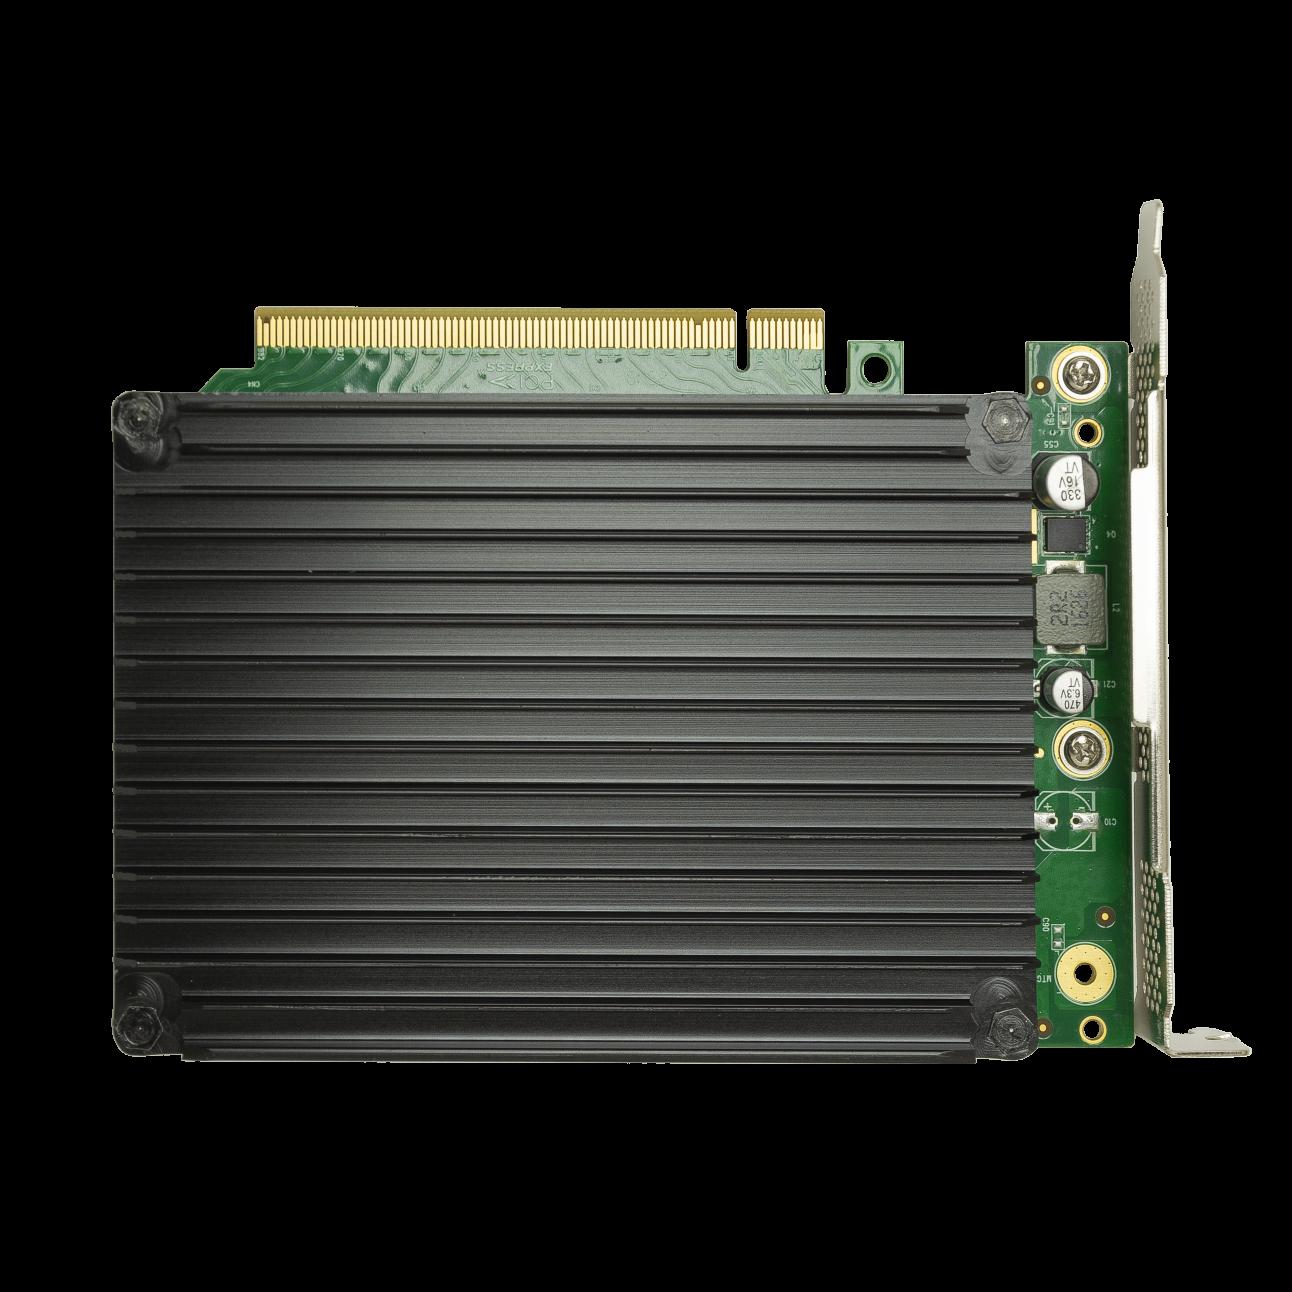 Переходной адаптер PCIe 3.0 x16 на 4xM.2 NVMe